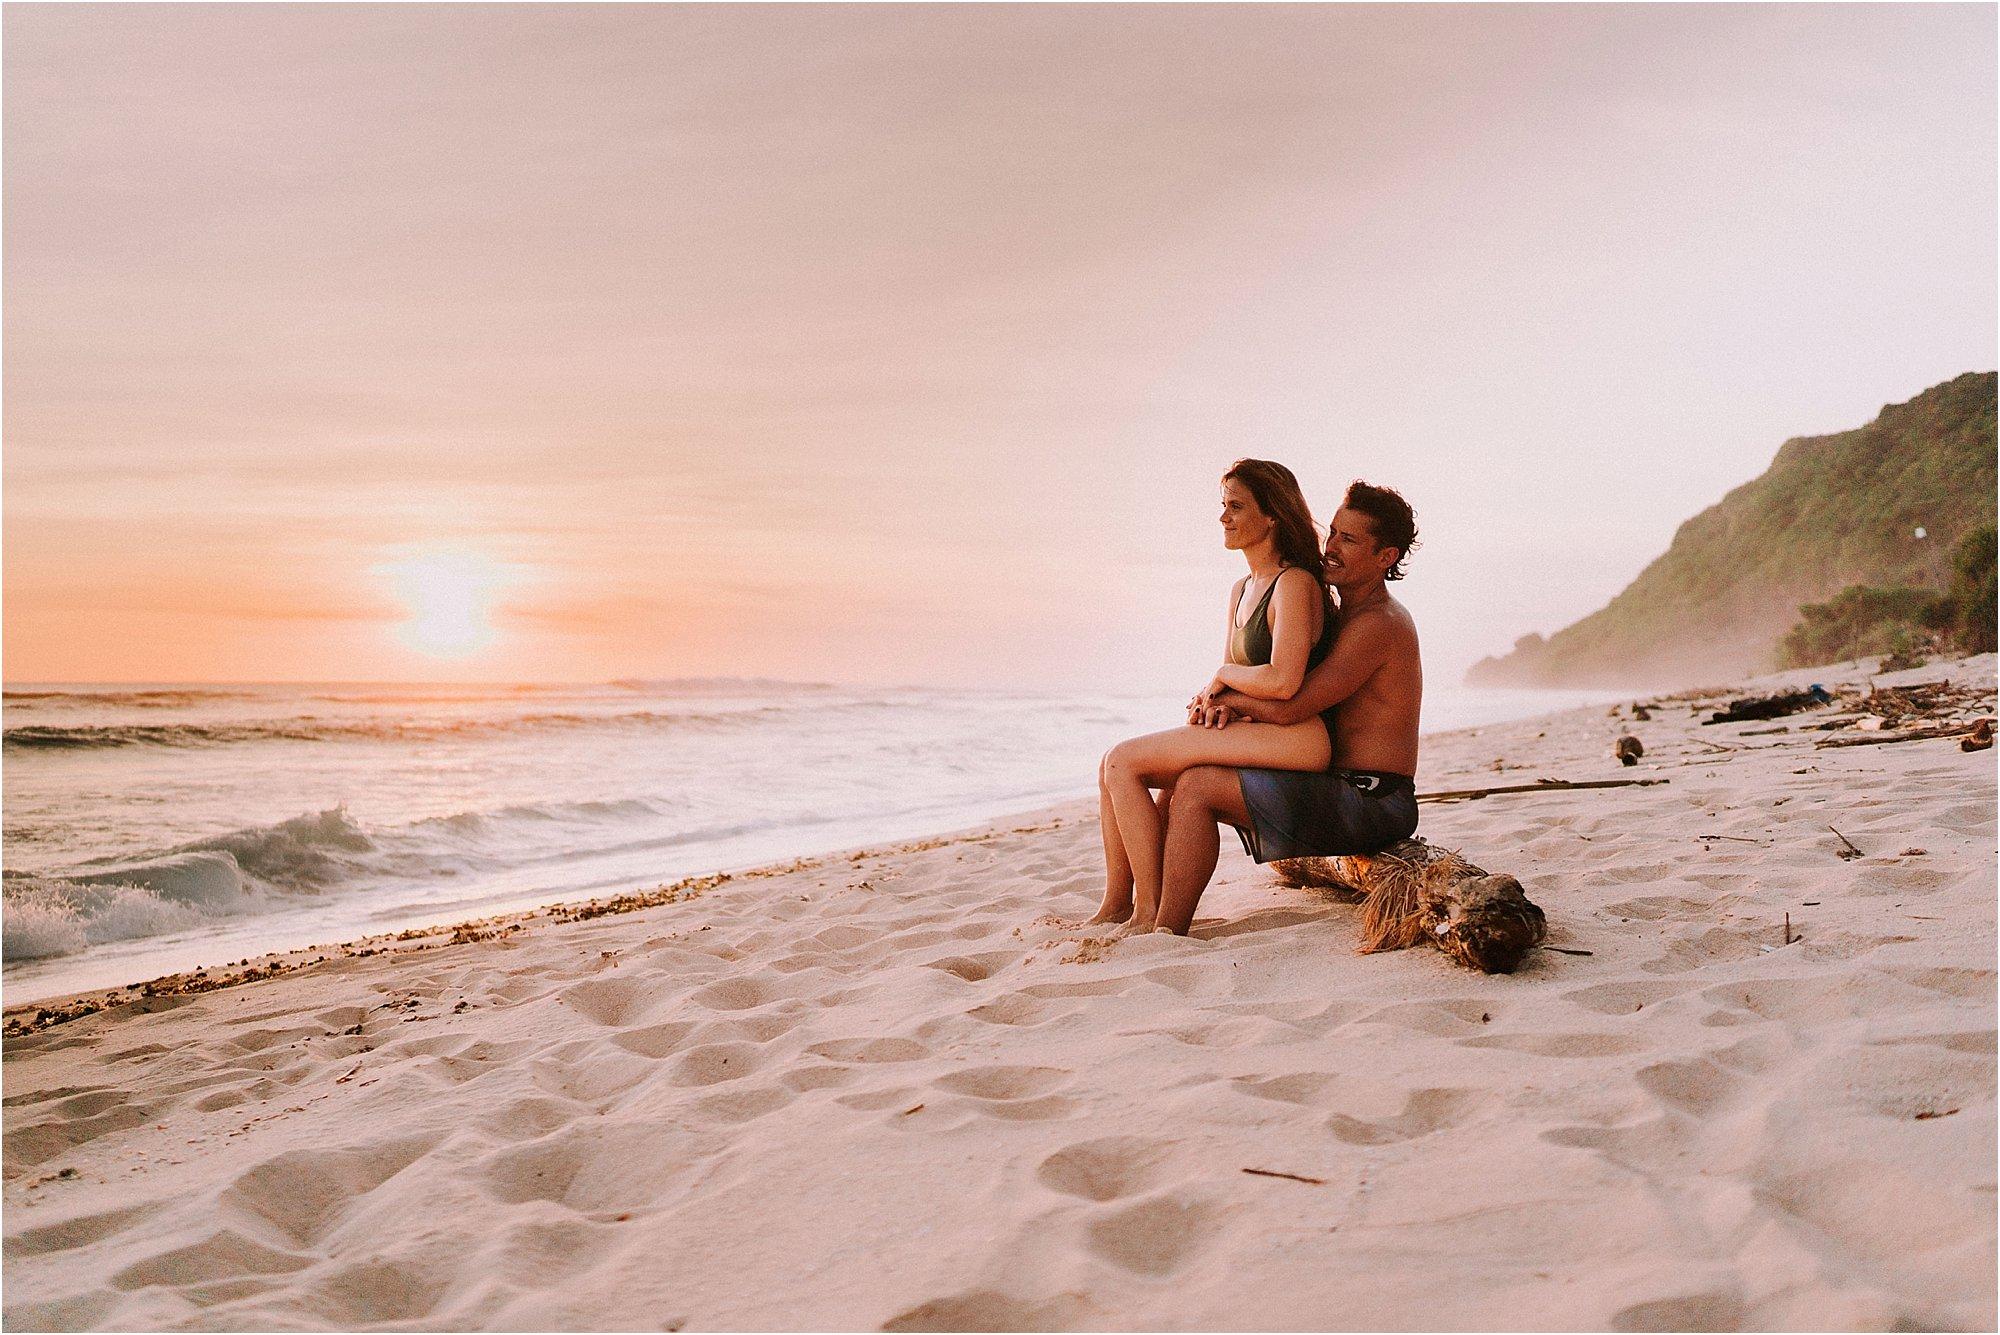 Bali sunset session at Nyang Nyang beach